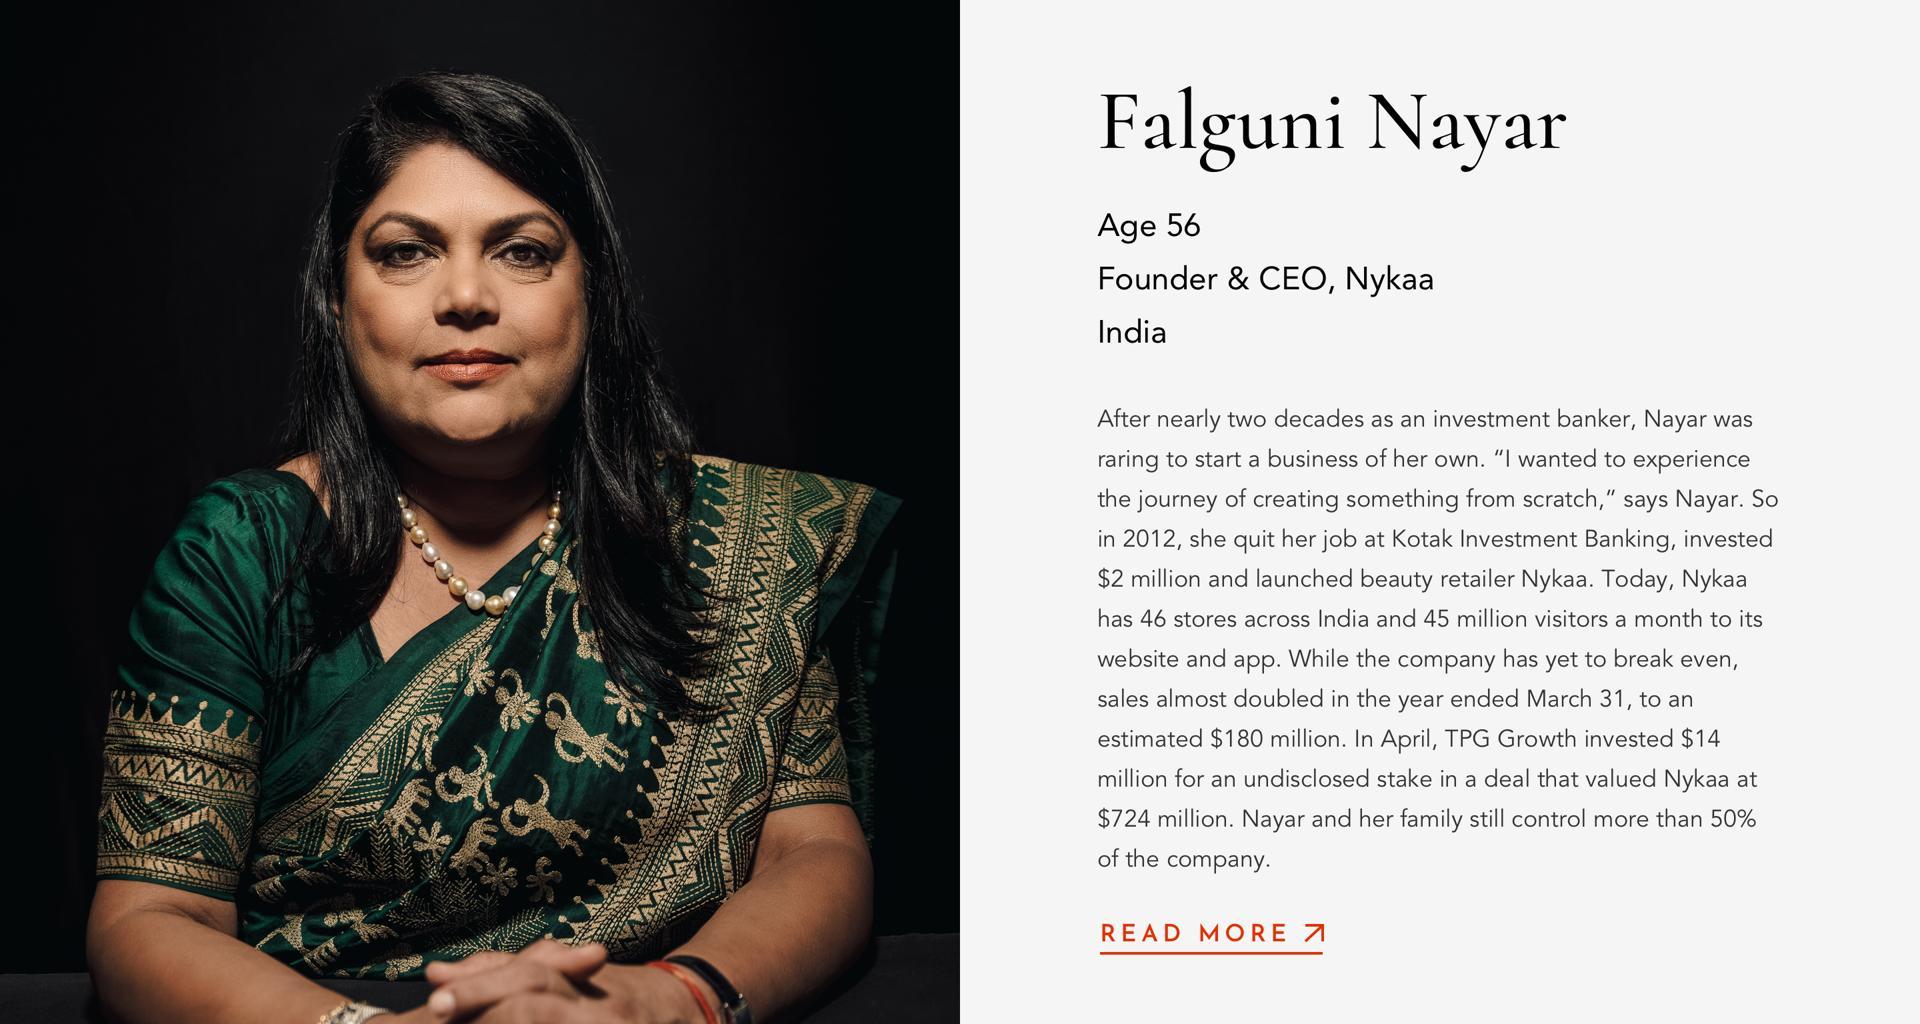 NayarFalguniFounder & CEONykaa56India